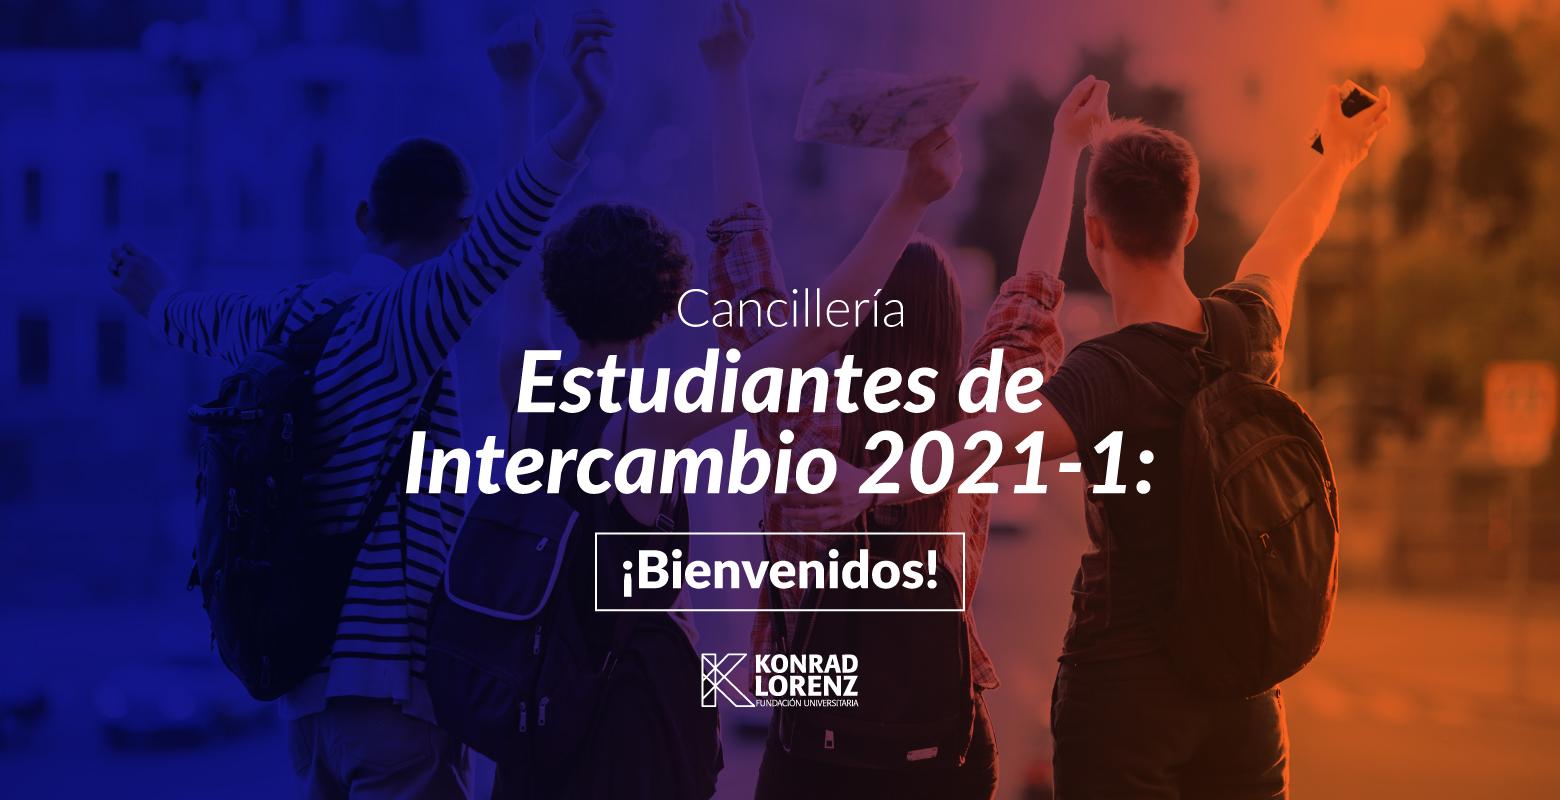 Estudiantes de Intercambio 2021-1: ¡Bienvenidos!